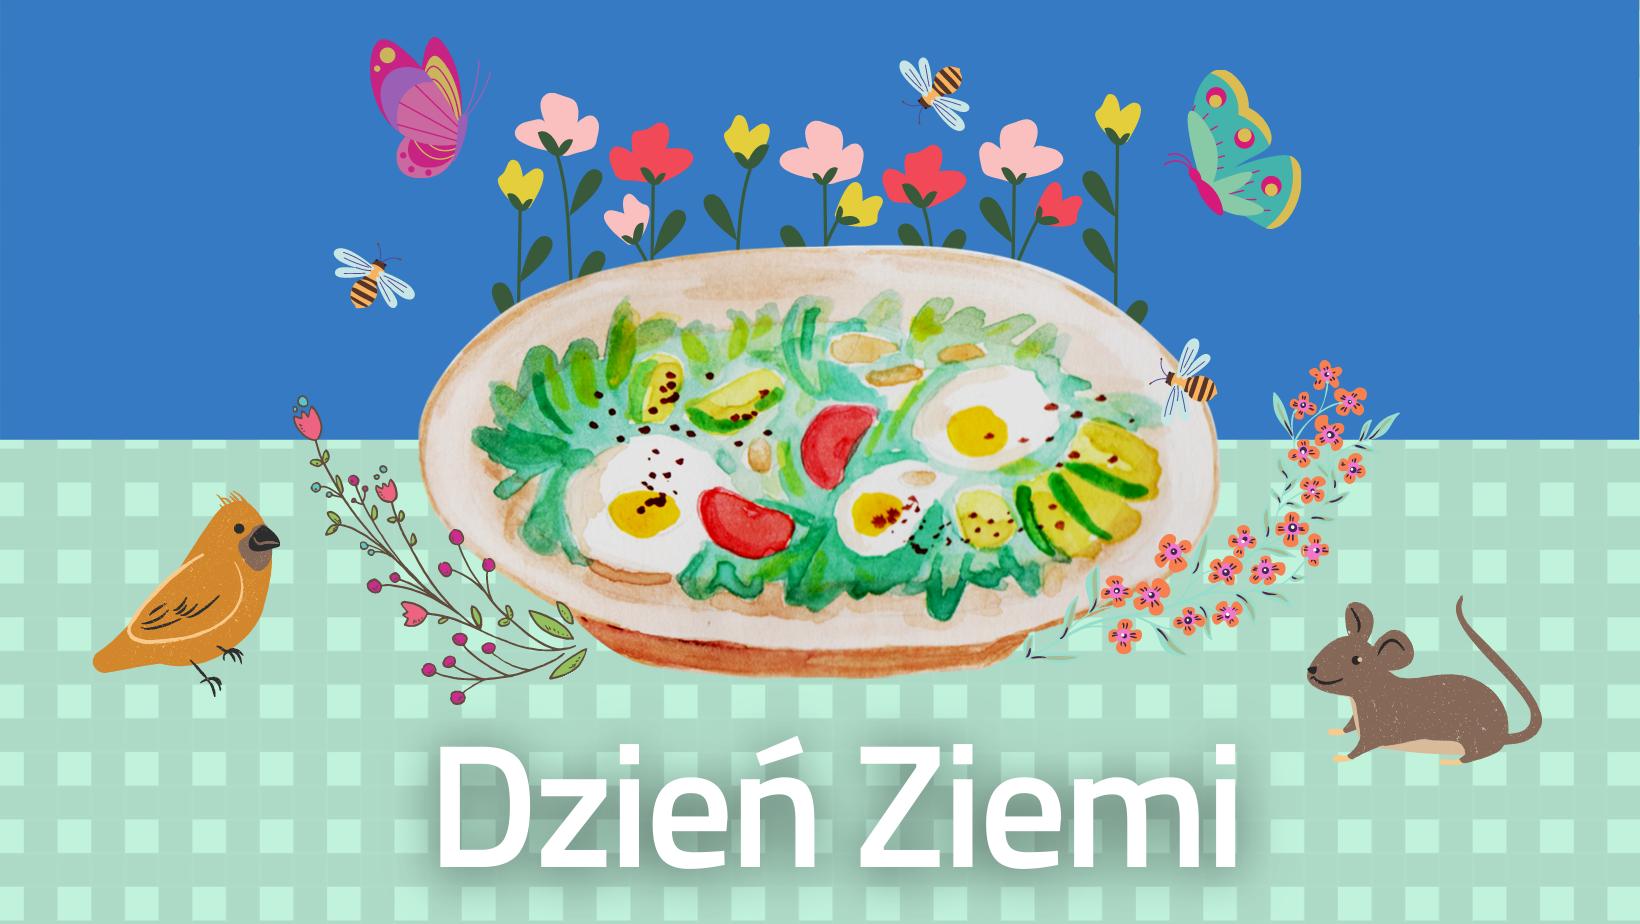 """Grafika ilustrująca wydarzenie. Centralnie umieszczony tależ z wiosnną zupą, wokół talearza kwiaty i motyle. Obok talerza ptak i myszka, pod rysunkiem talerza napis """"Dzień Ziemi""""."""